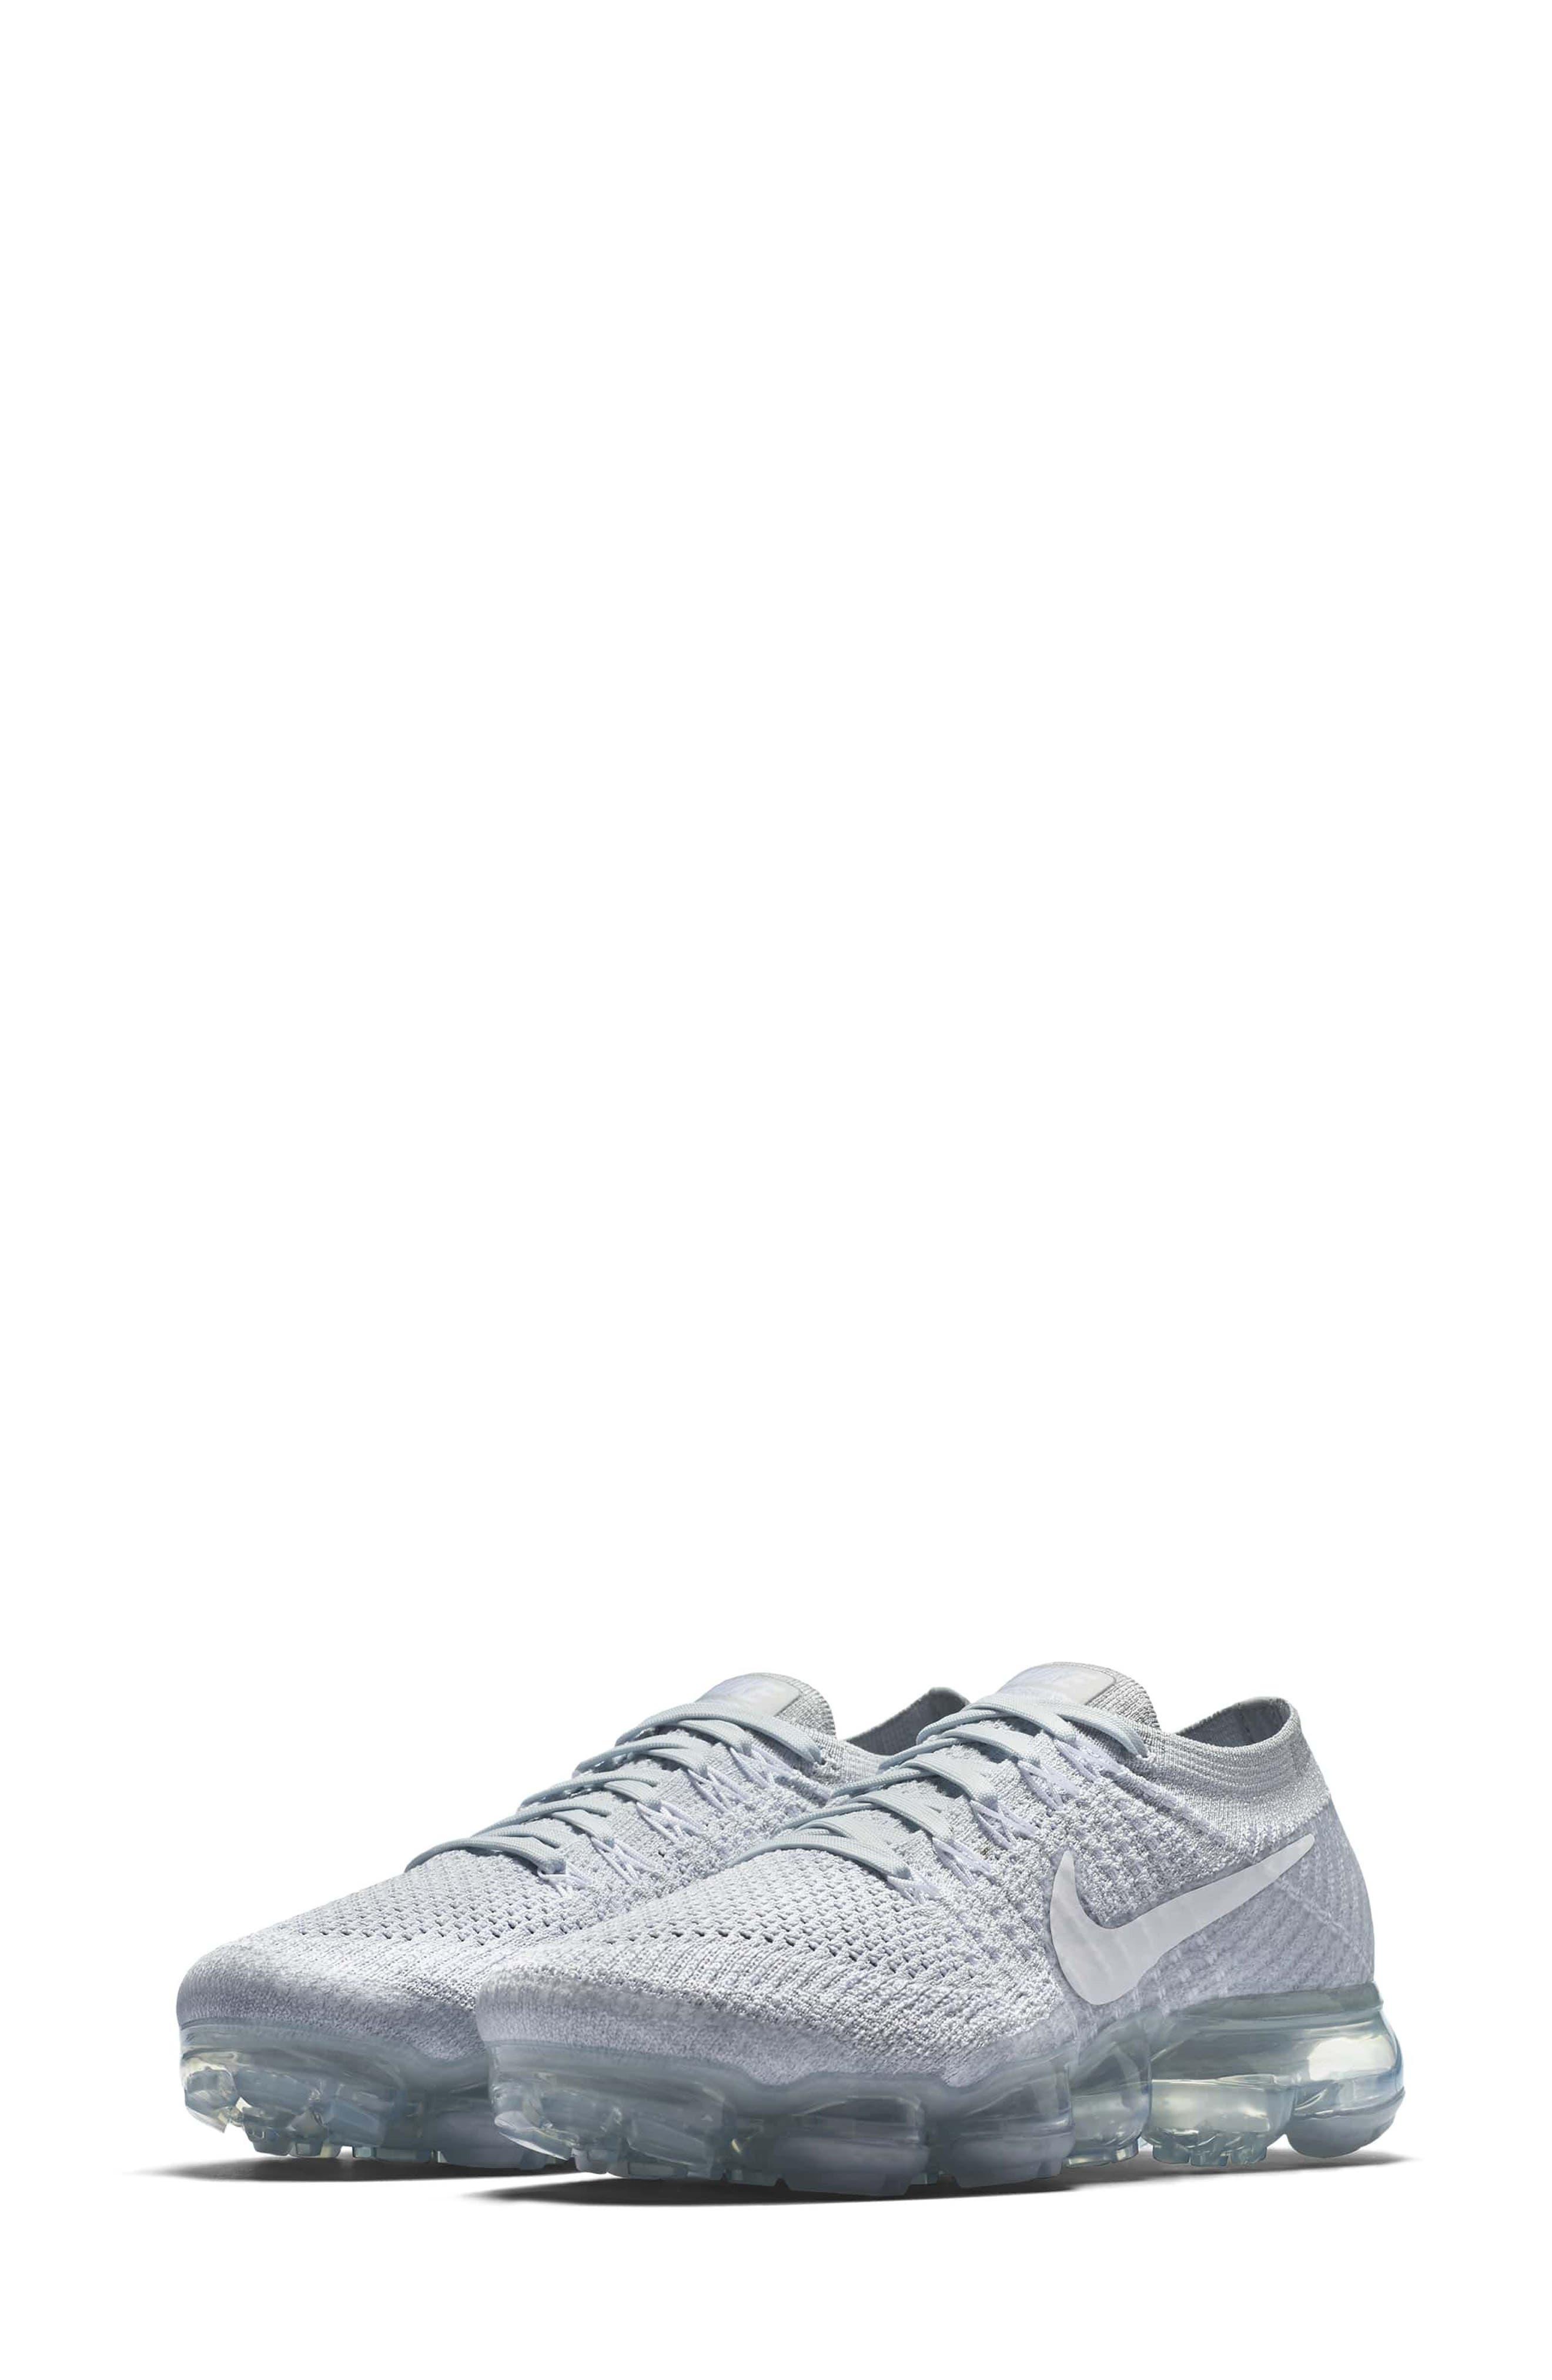 Main Image - Nike Air VaporMax Flyknit Running Shoe (Women)